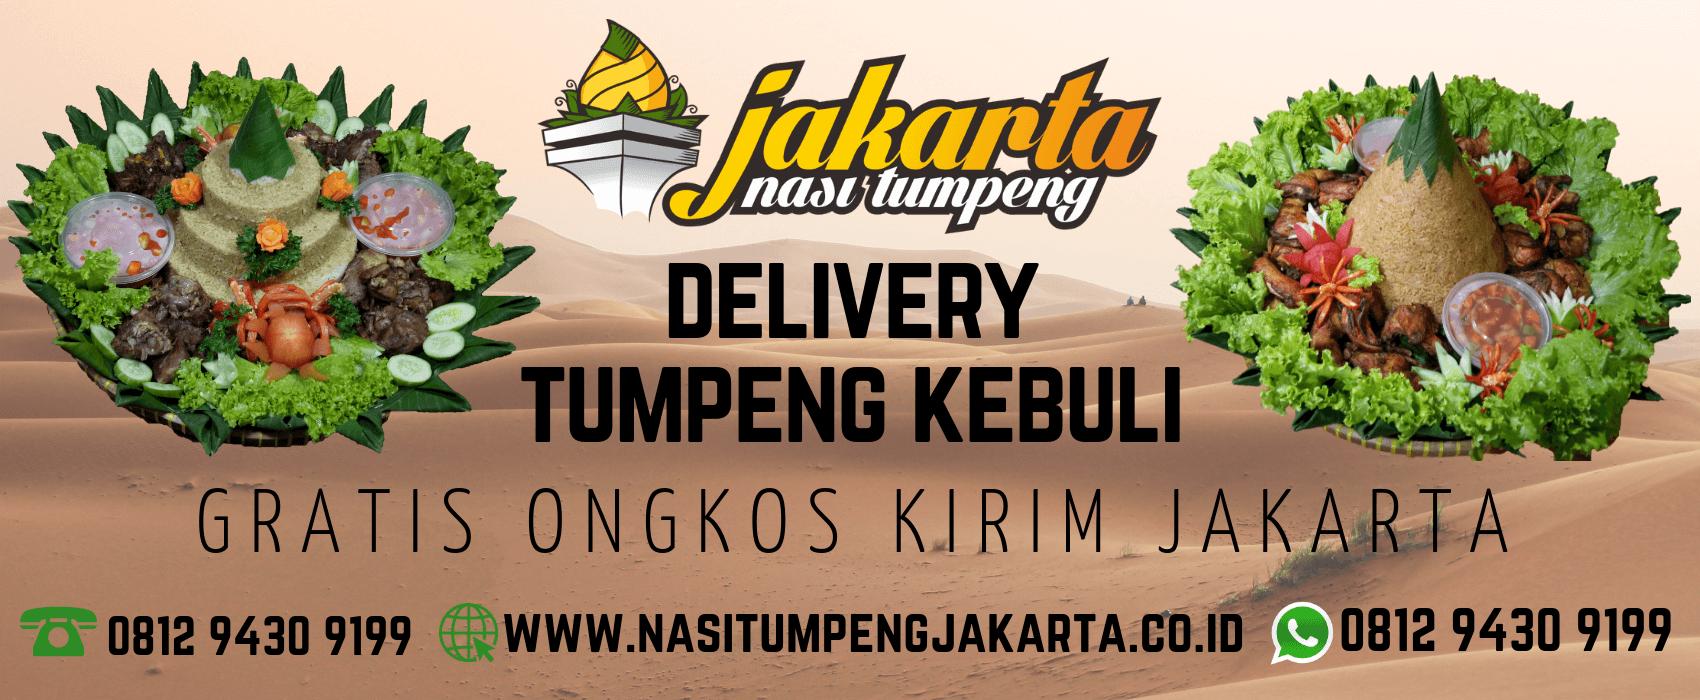 Catering Tumpeng Kebuli Jakarta